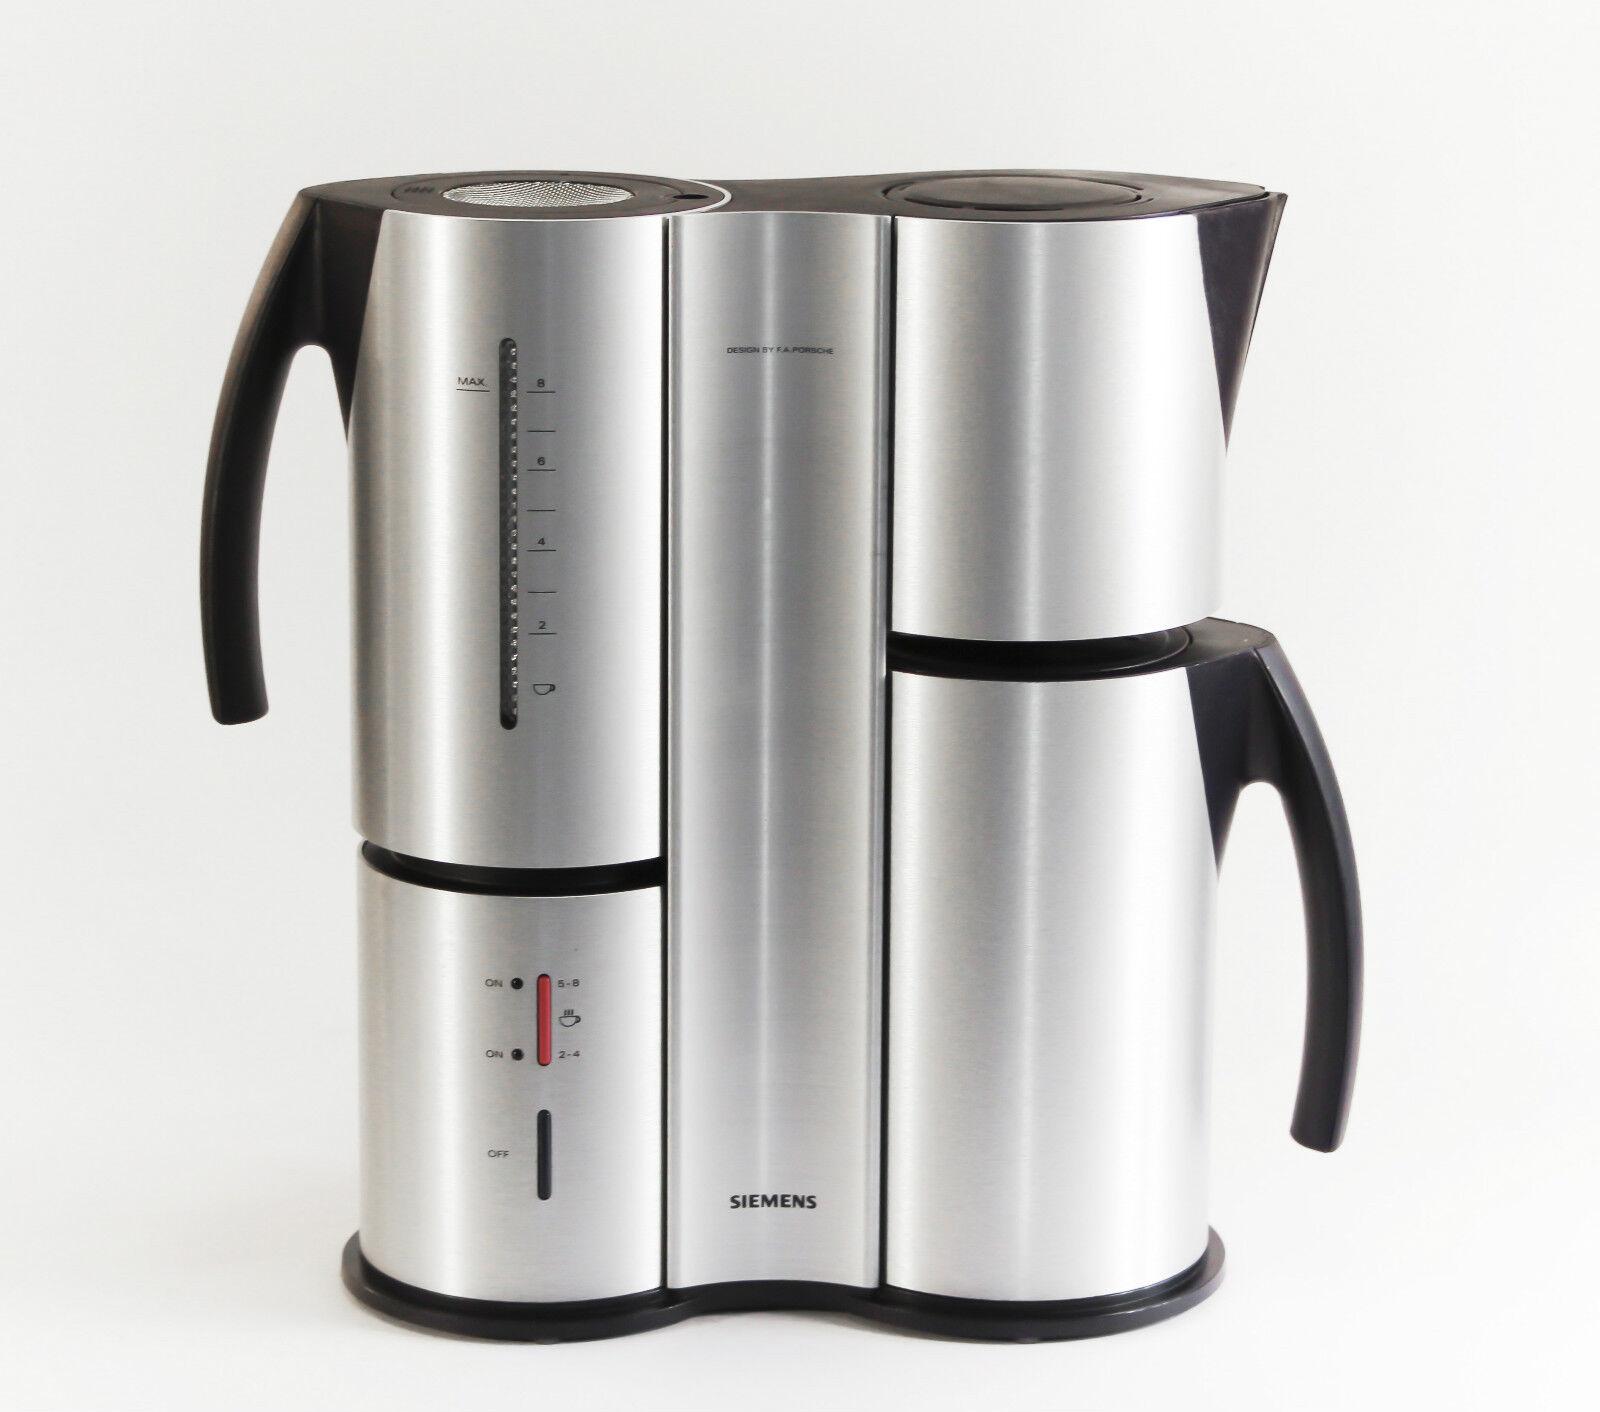 Top siemens porsche design kaffeemaschine 1jahr - Siemens wasserkocher porsche design undicht ...